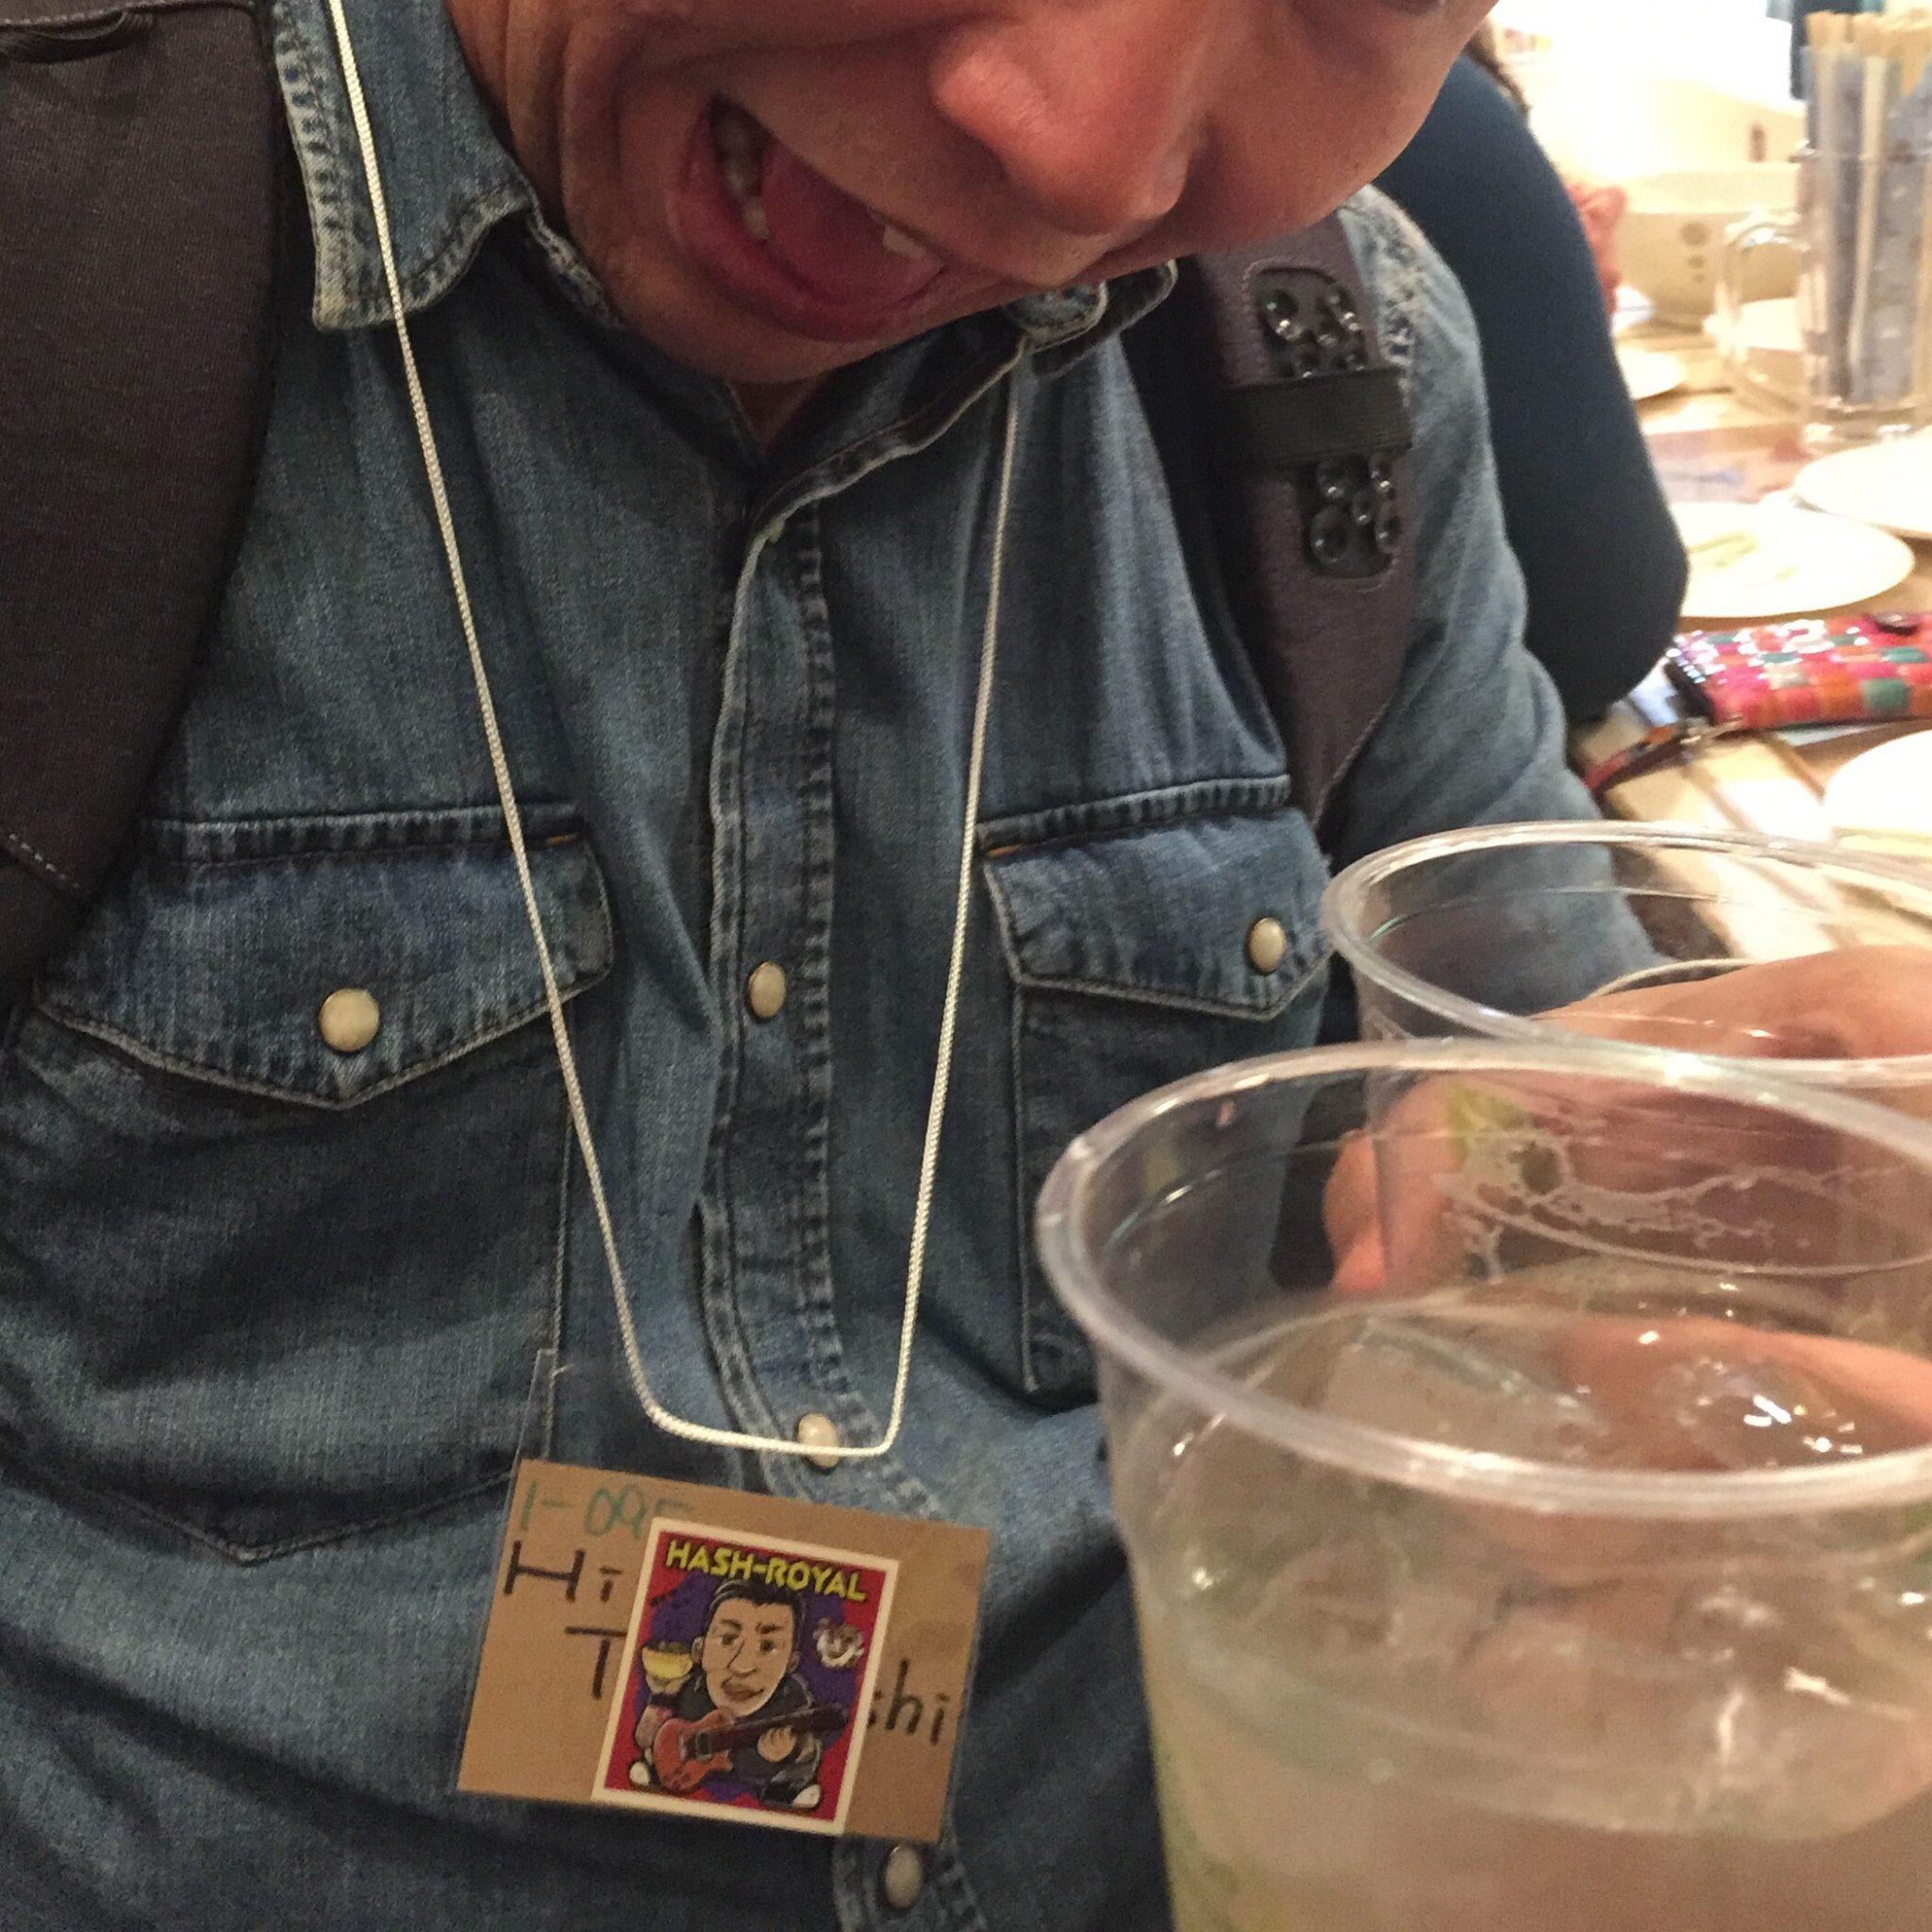 ゆいま~る食堂 原宿店&原宿バル HAPPY CAMPER@原宿 森本聡子とラーメン食べ歩き隊ッ! 大新年会 HASH-ROYAL